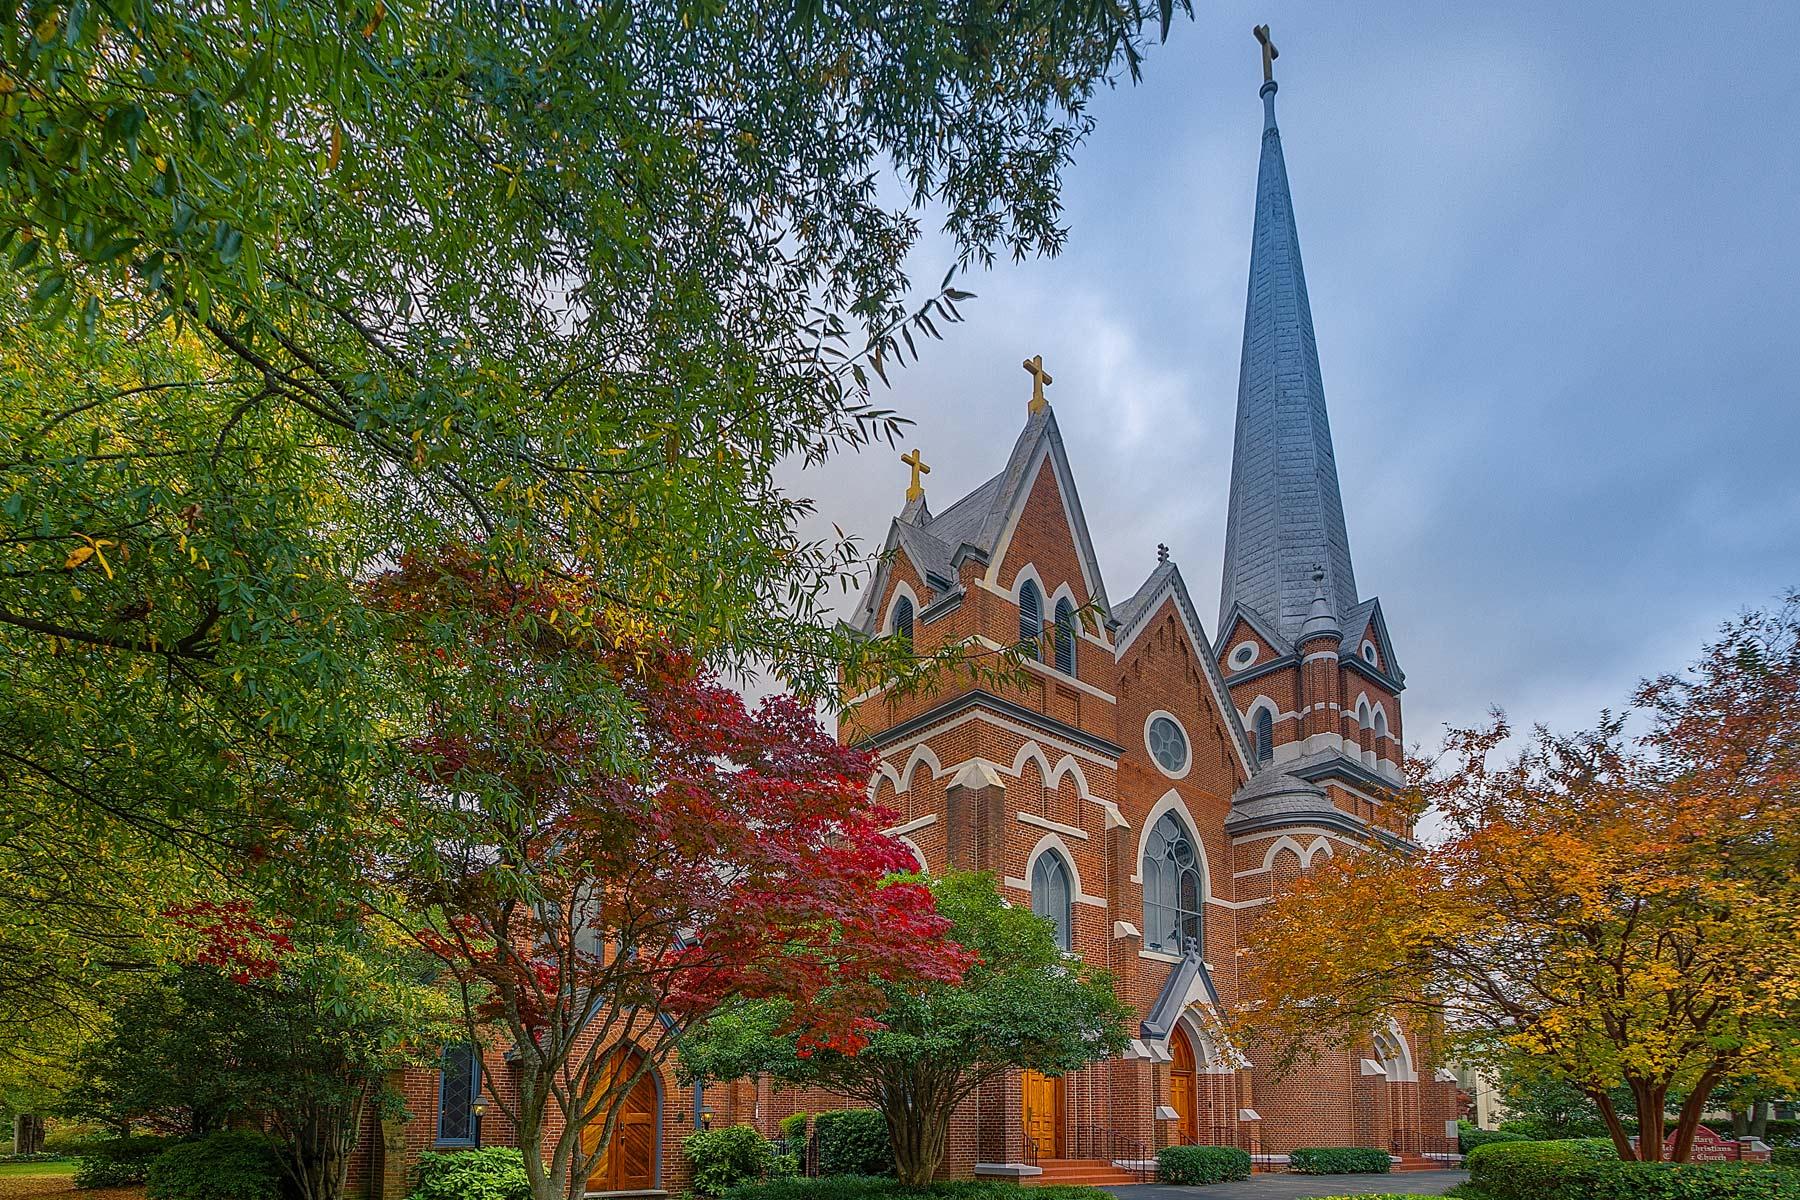 St. Mary's in Aiken, SC